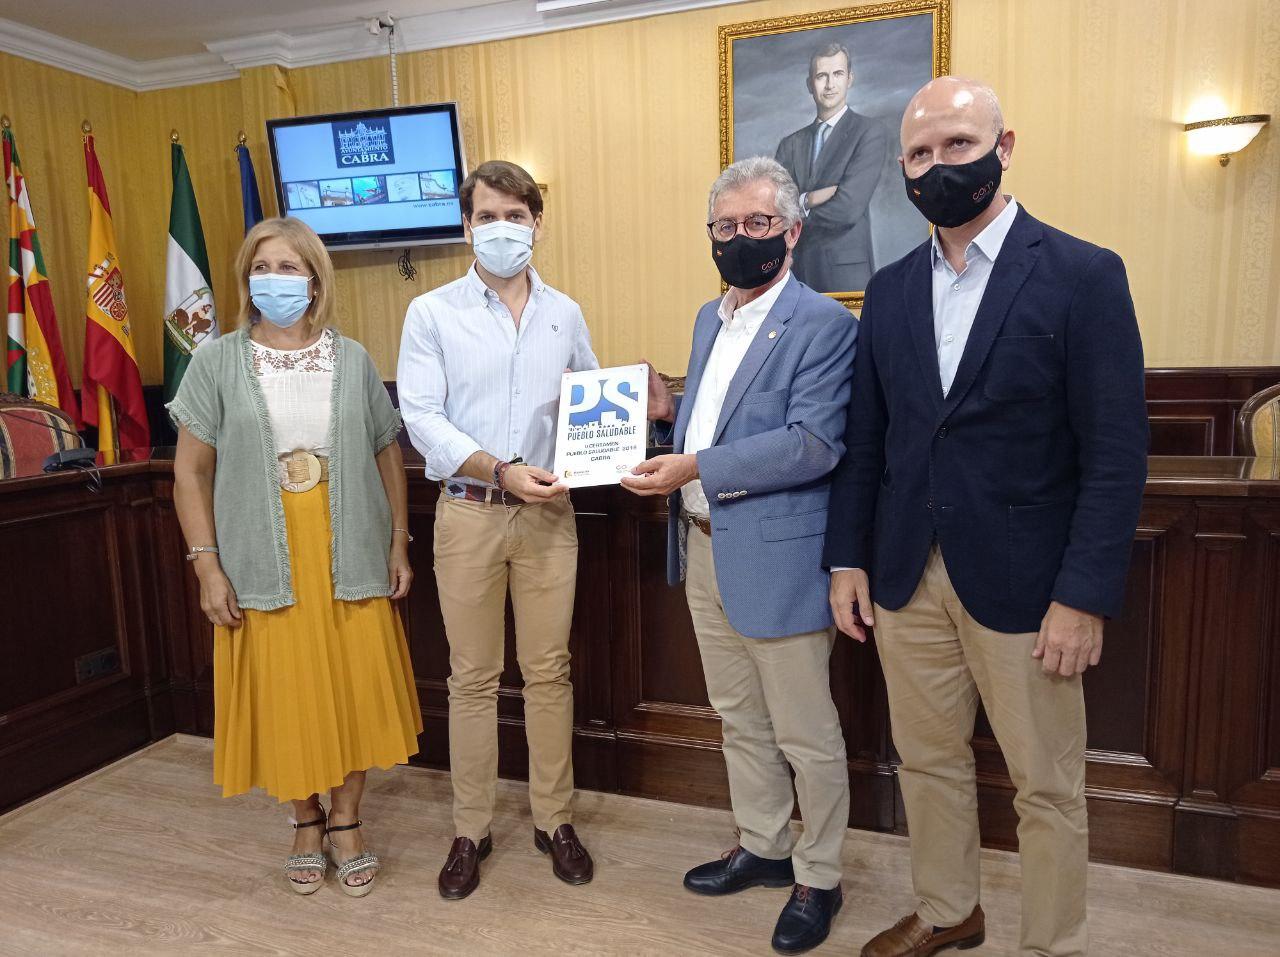 El Colegio de Médicos de Córdoba otorga a Cabra el reconocimiento Pueblo Saludable 2019